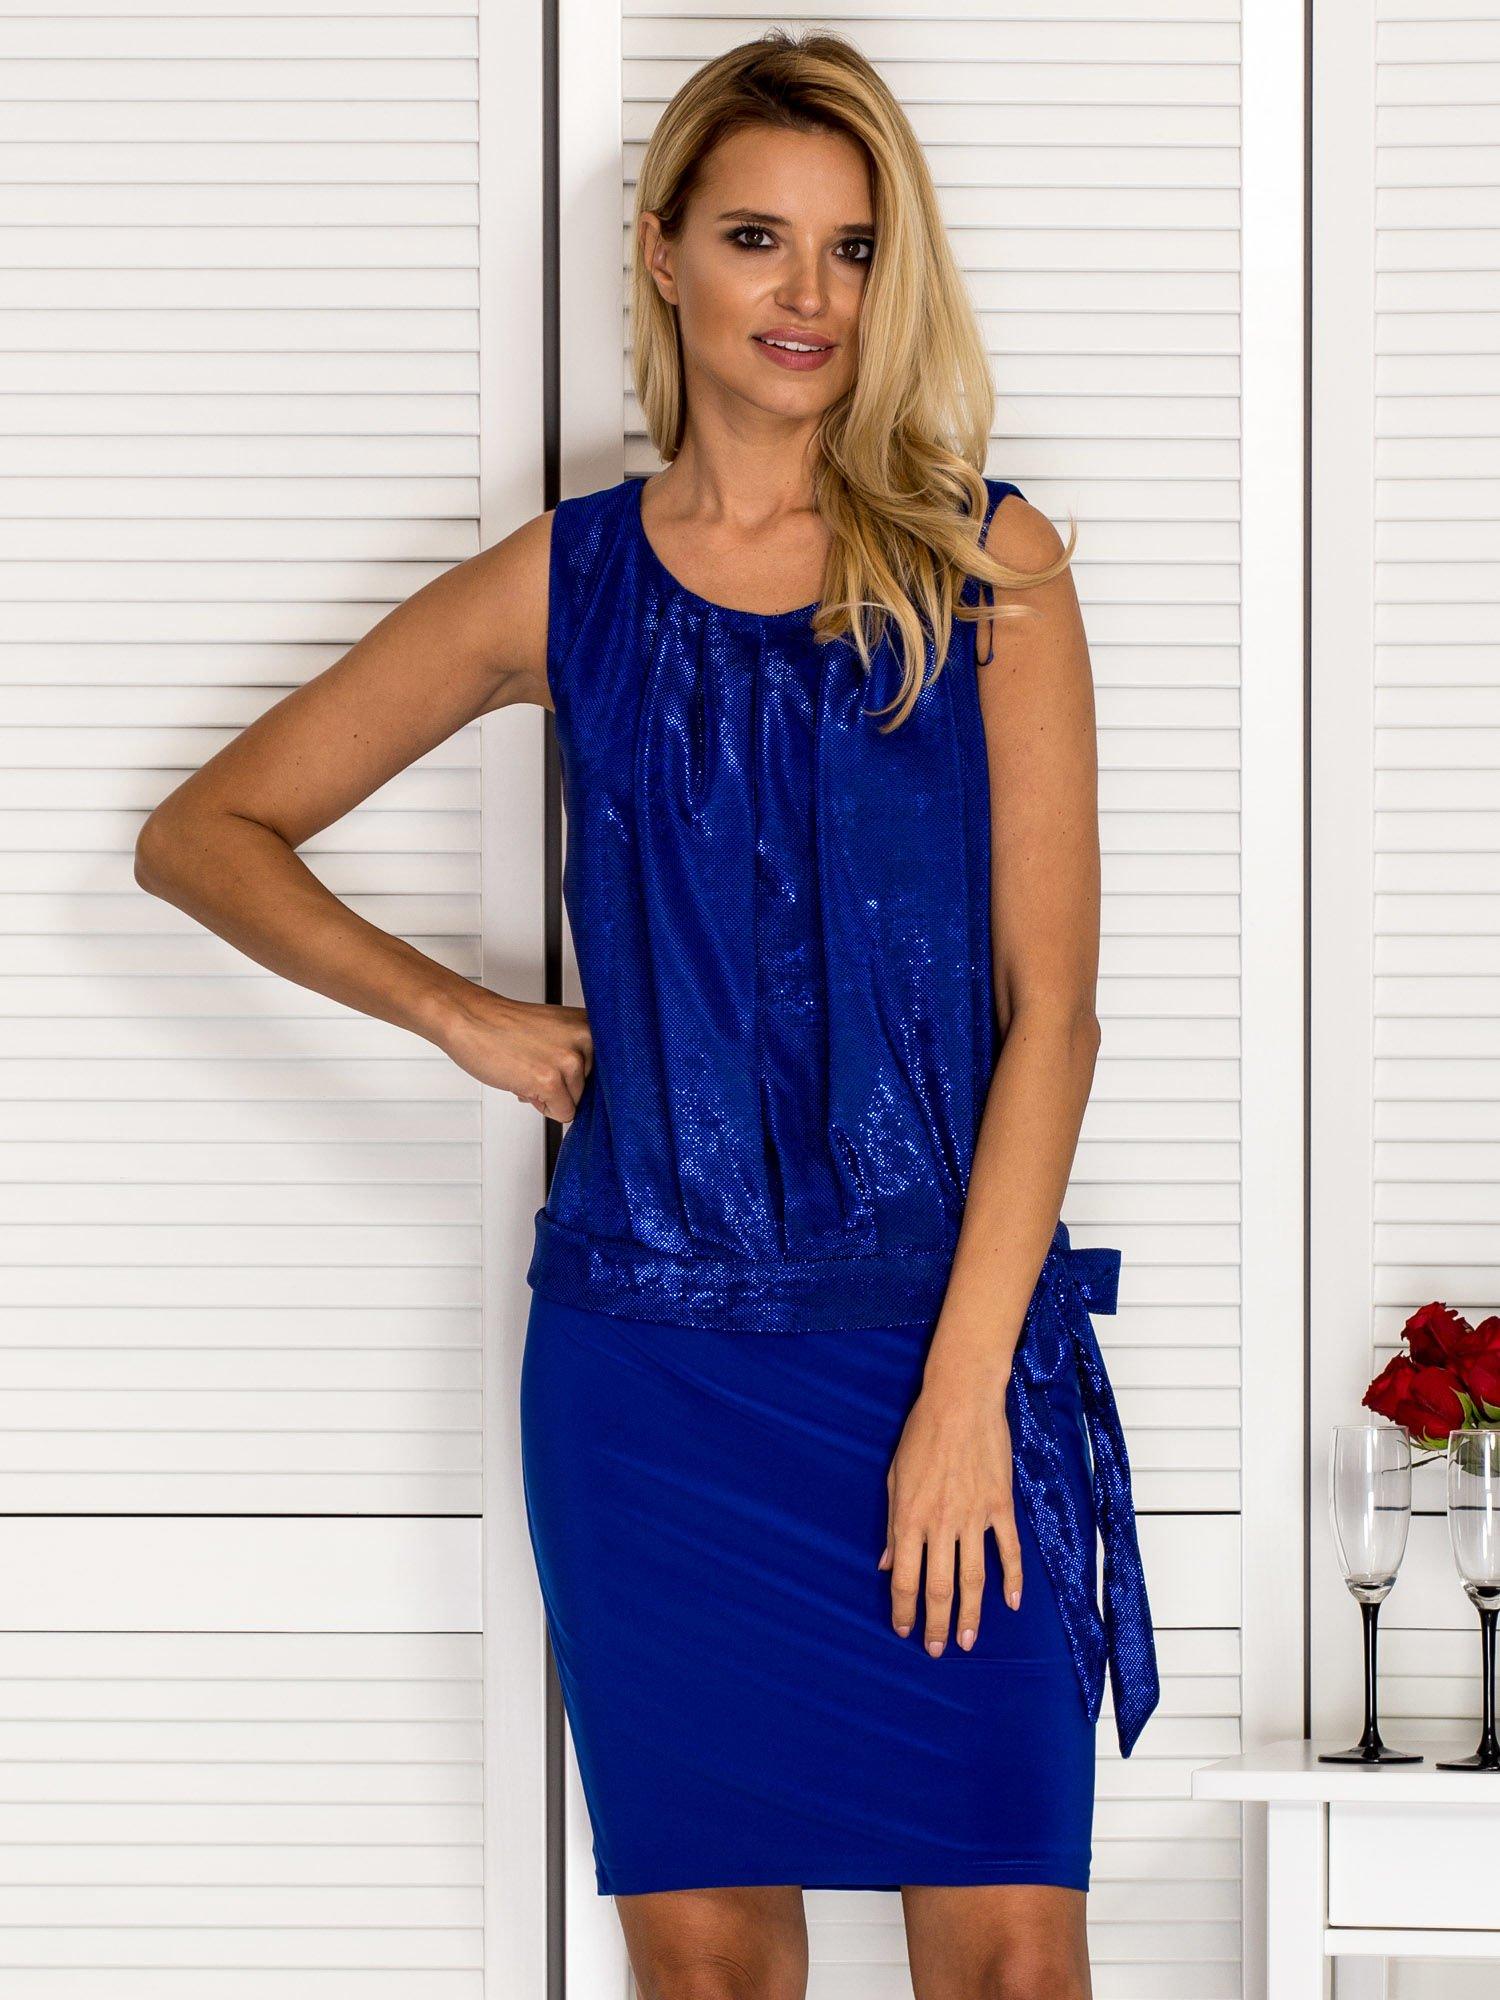 367a836712 Kobaltowa sukienka wieczorowa z błyszczącą górą - Sukienka ...